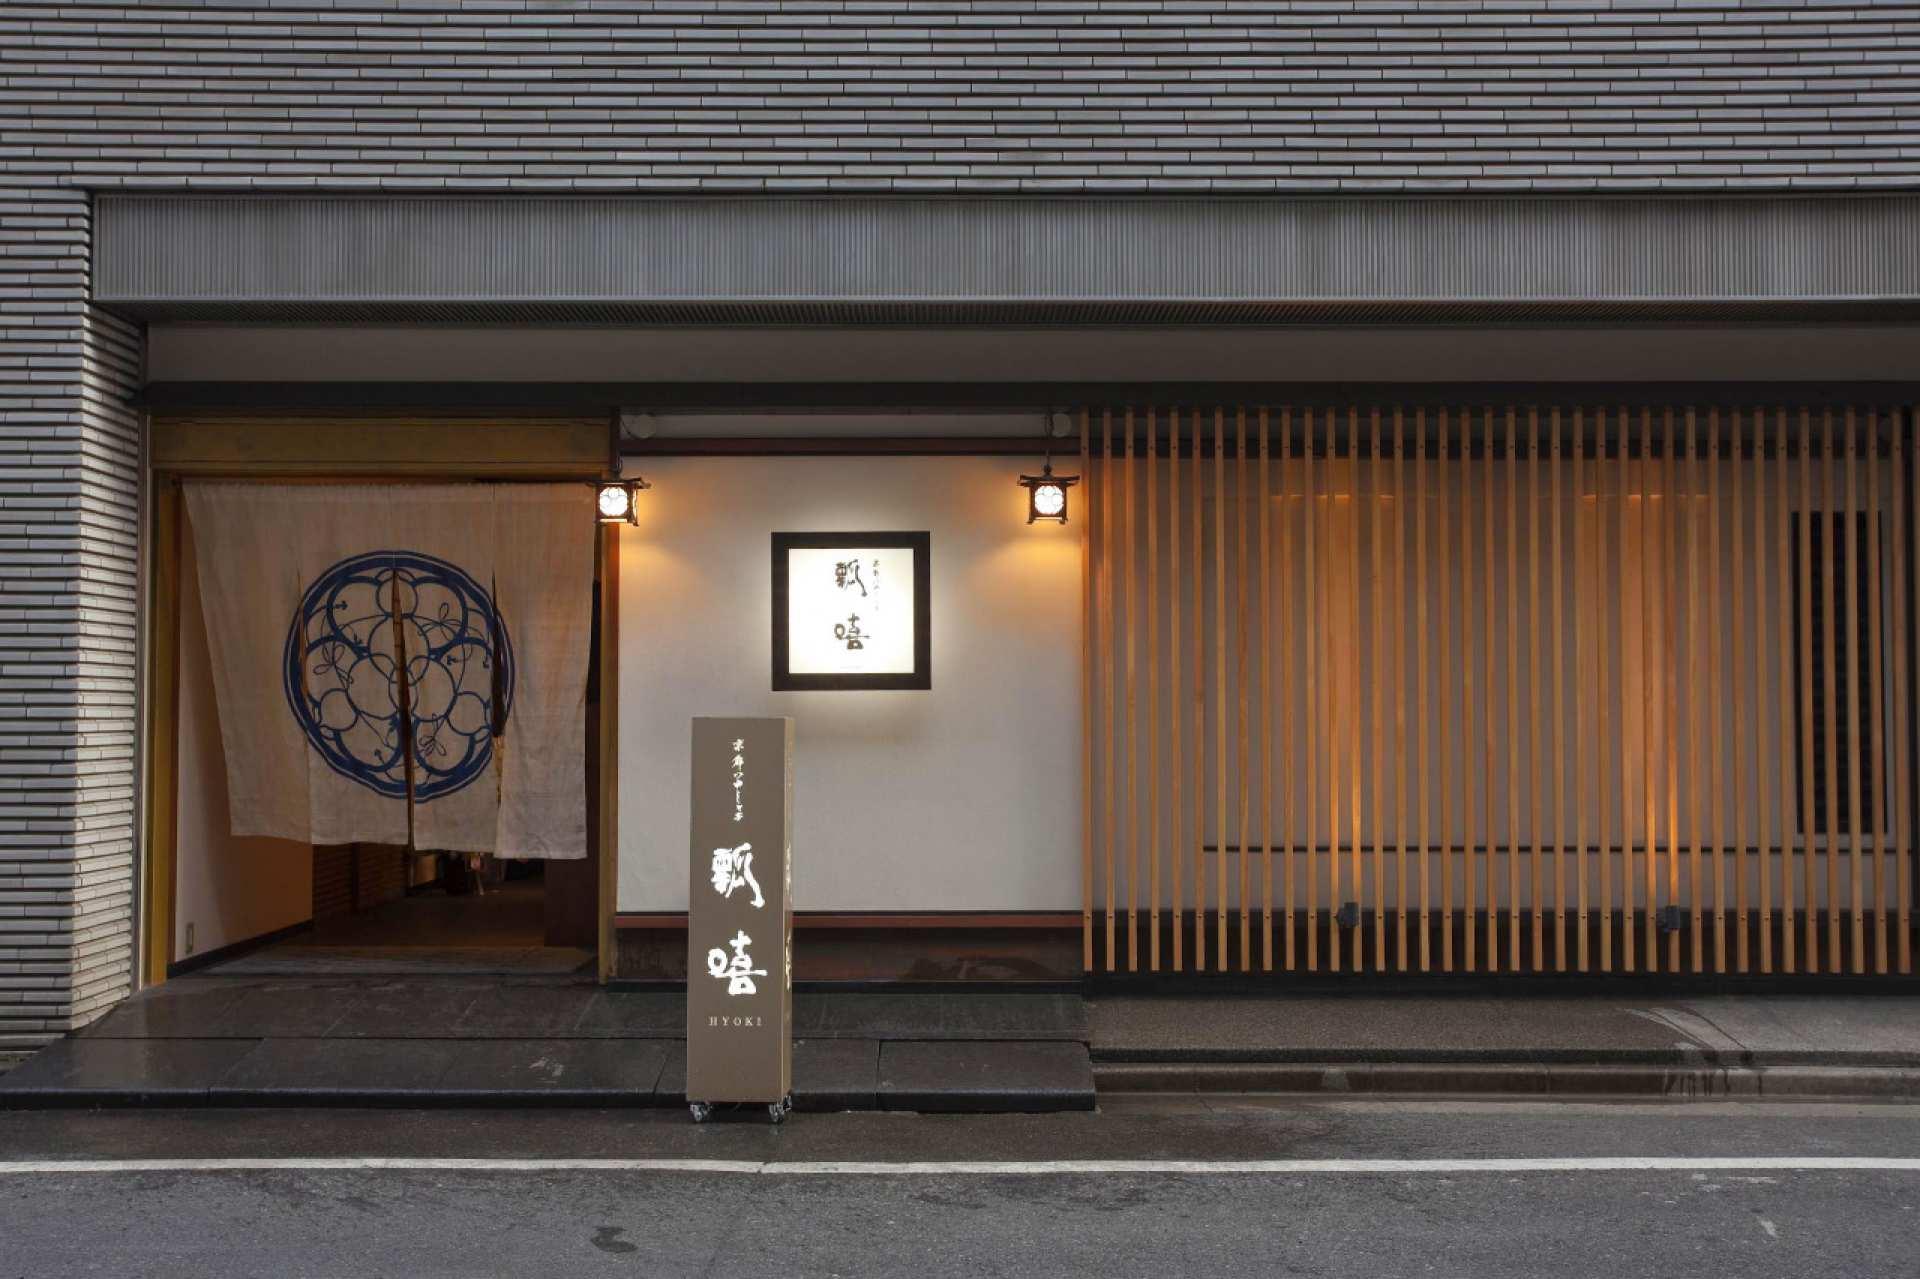 【東京美食】銀座高級涮涮鍋餐廳・京都 瓢喜 銀座本店